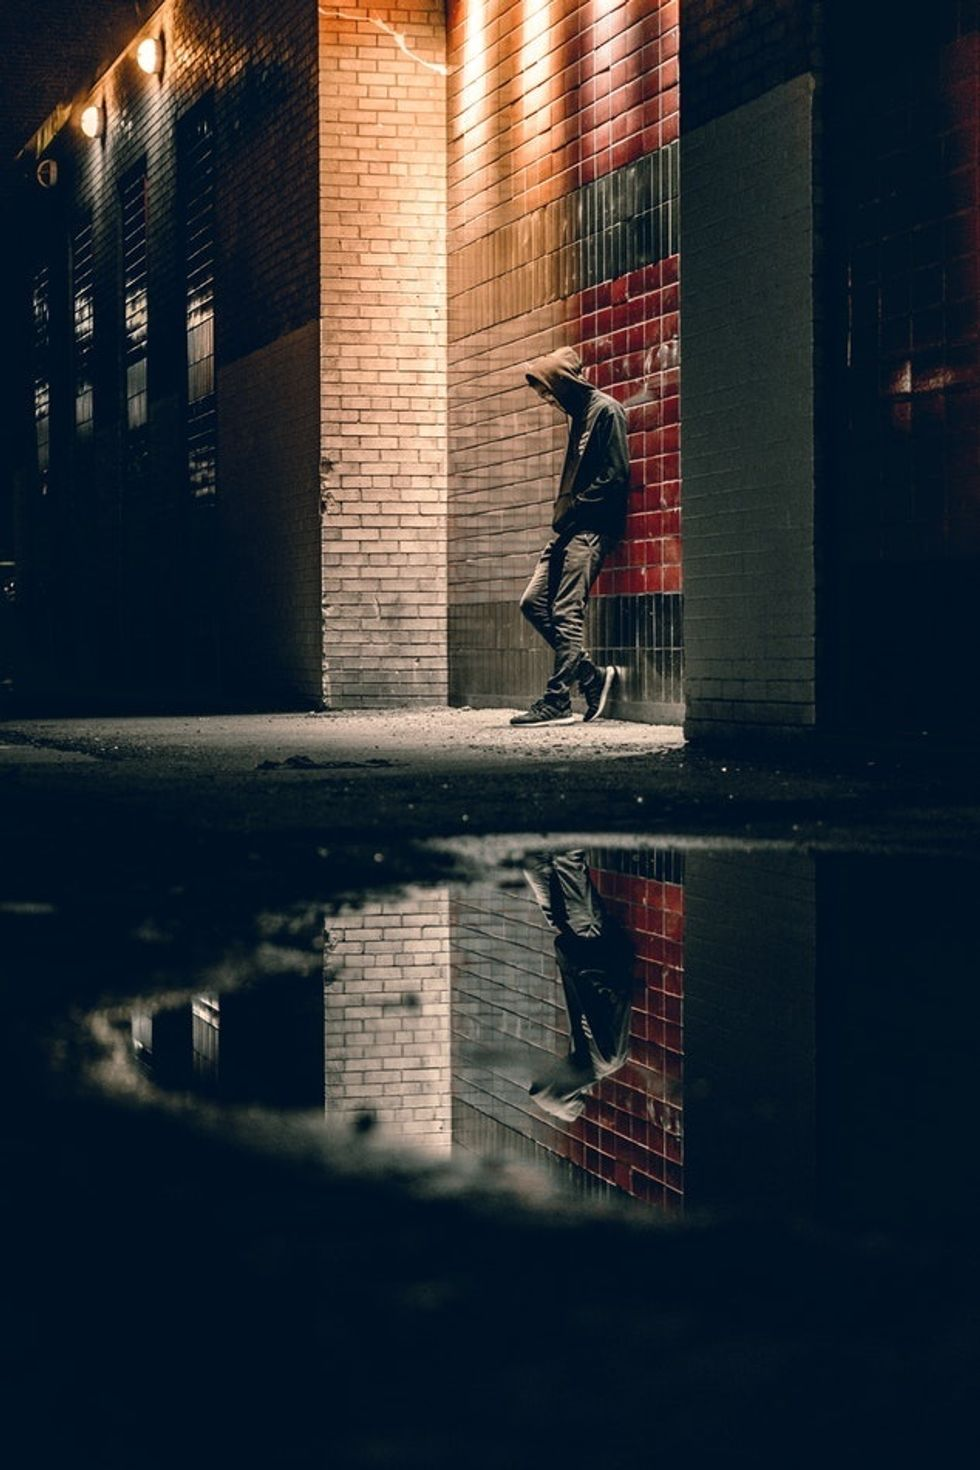 man in hood standing against brick wall in alleyway